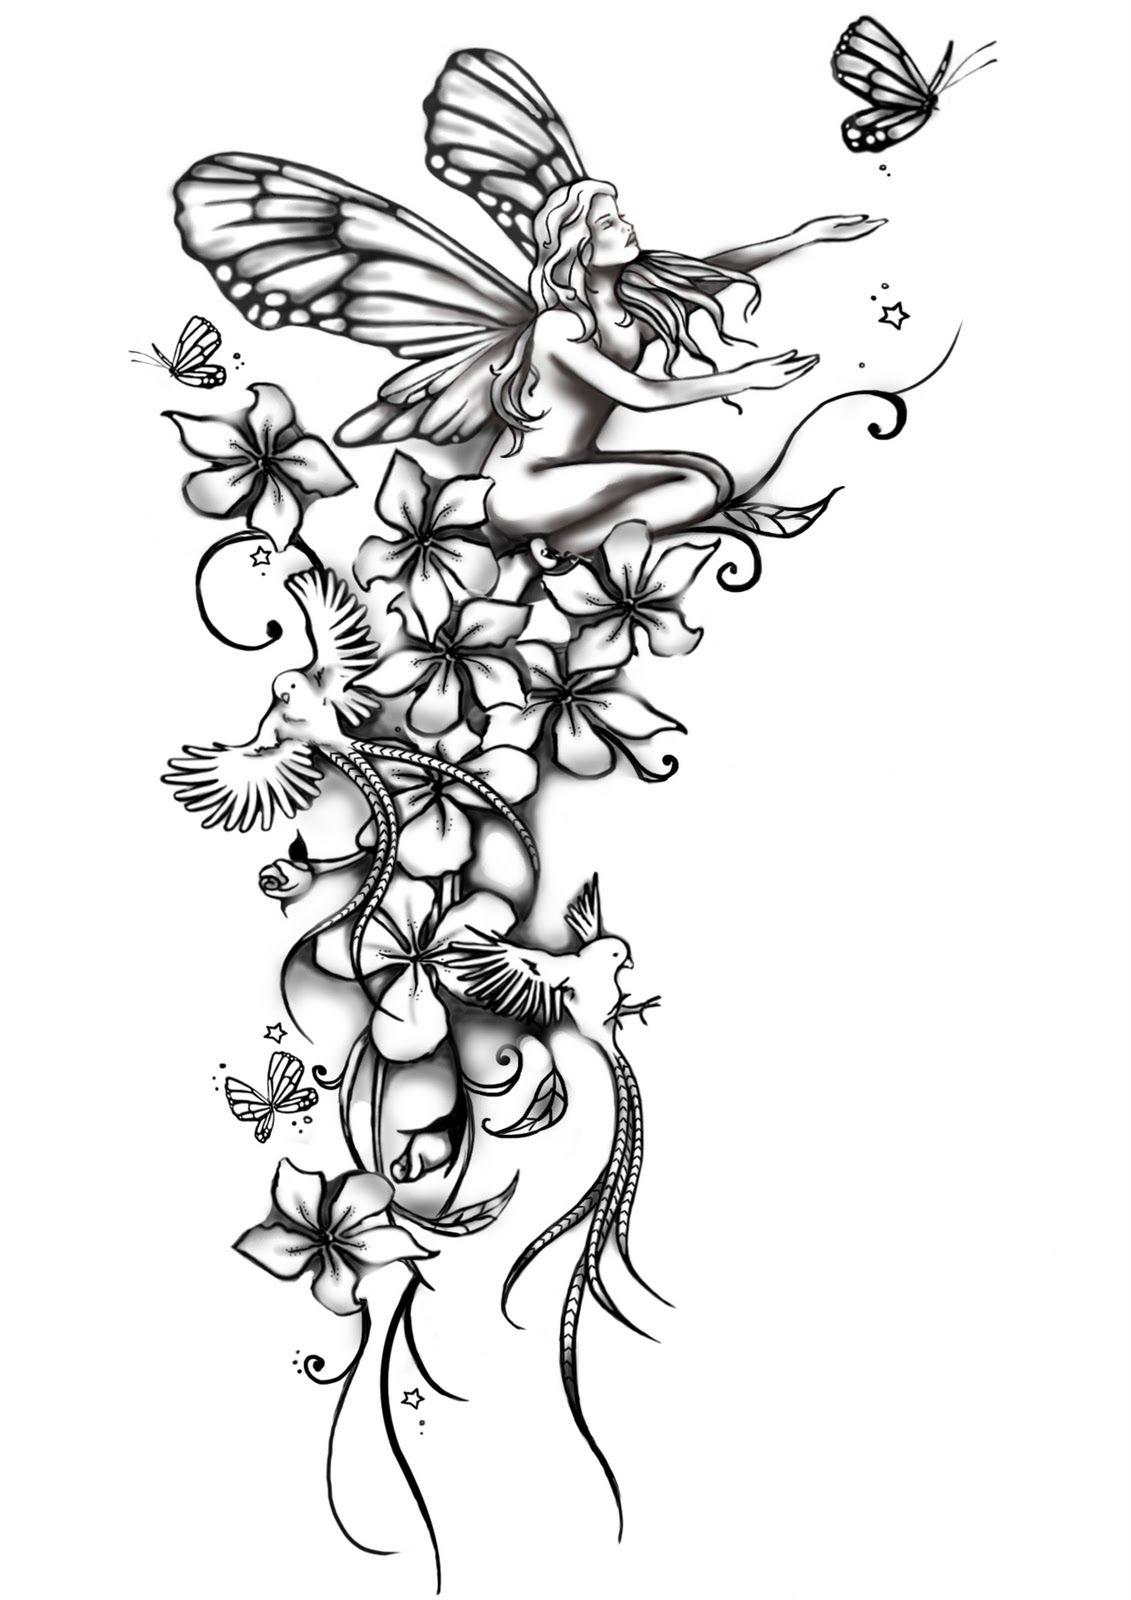 Ffx Bruderherz fantasy blumen tattoos